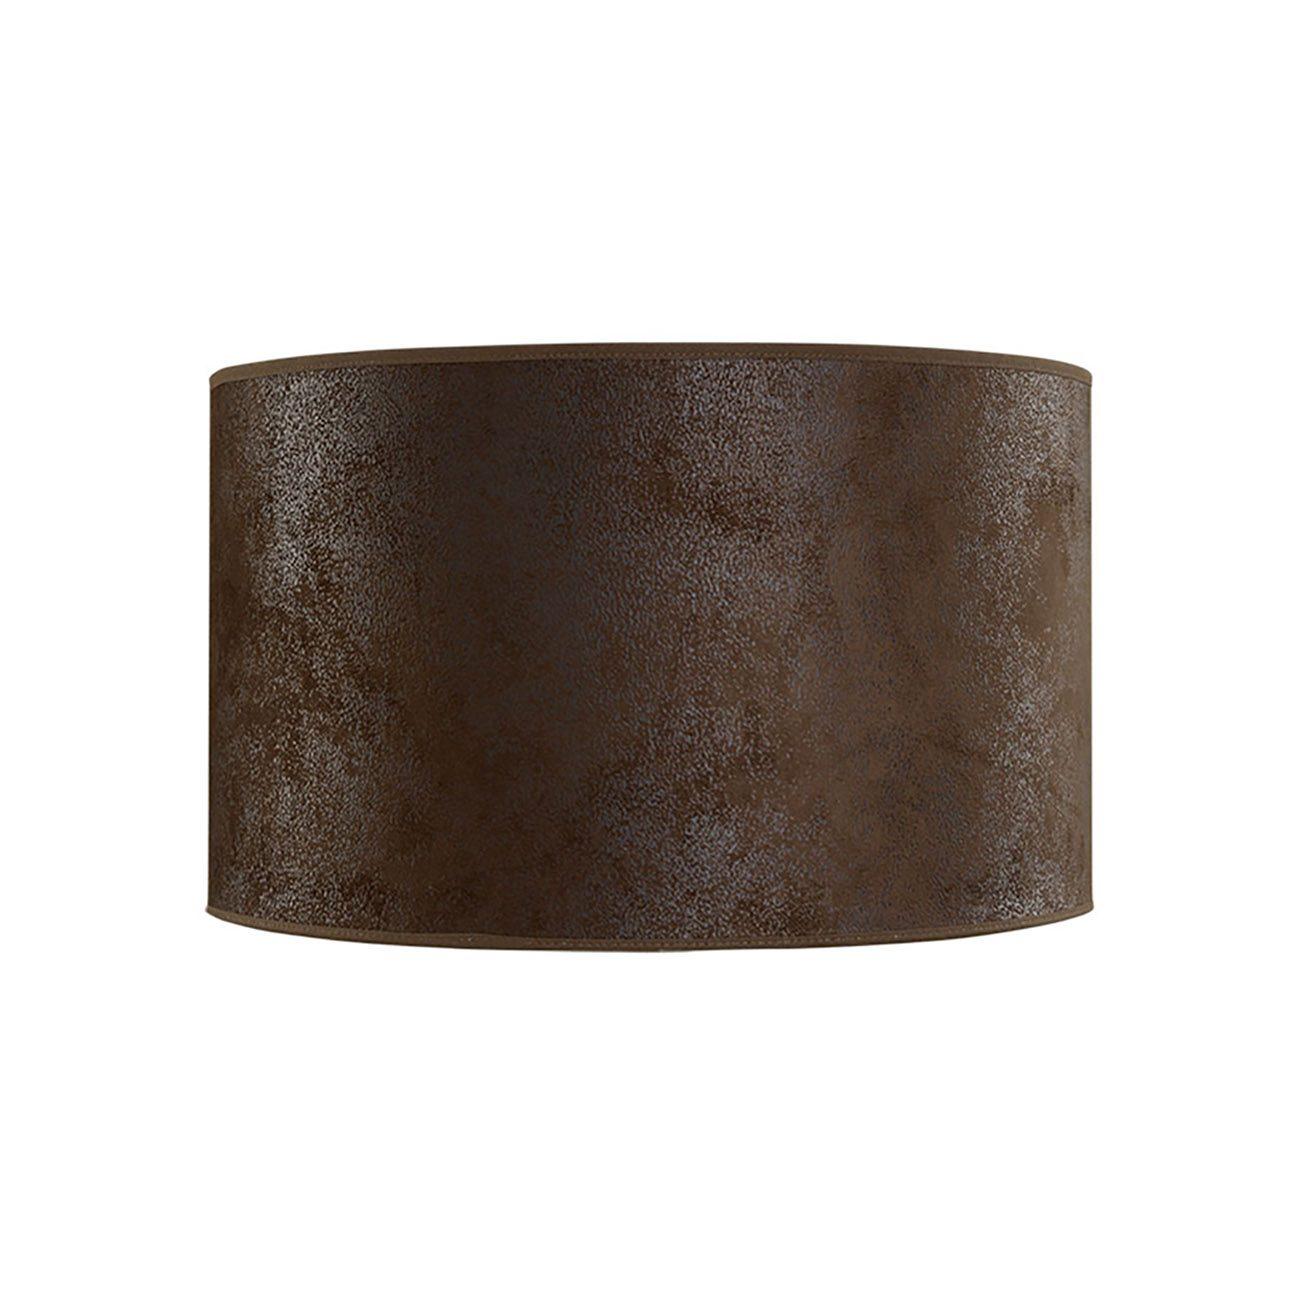 Cylinder lampskärm i storleken 25 cm från Artwood, denna i brun mocka.